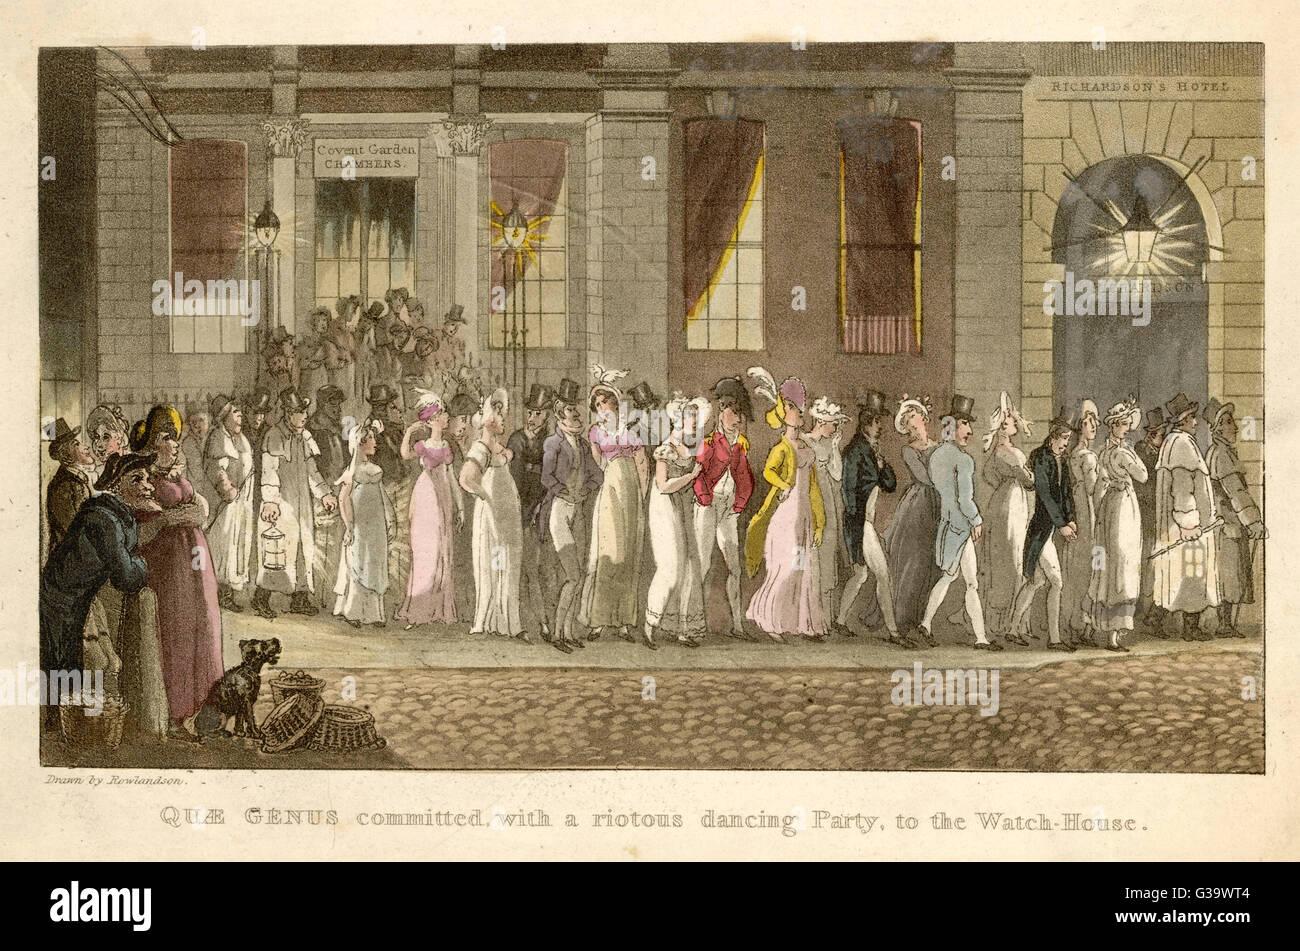 Quae Gattung begangen, mit einer ausgelassenen Tanzparty zum Watch-Haus.       Datum: 1821 Stockbild